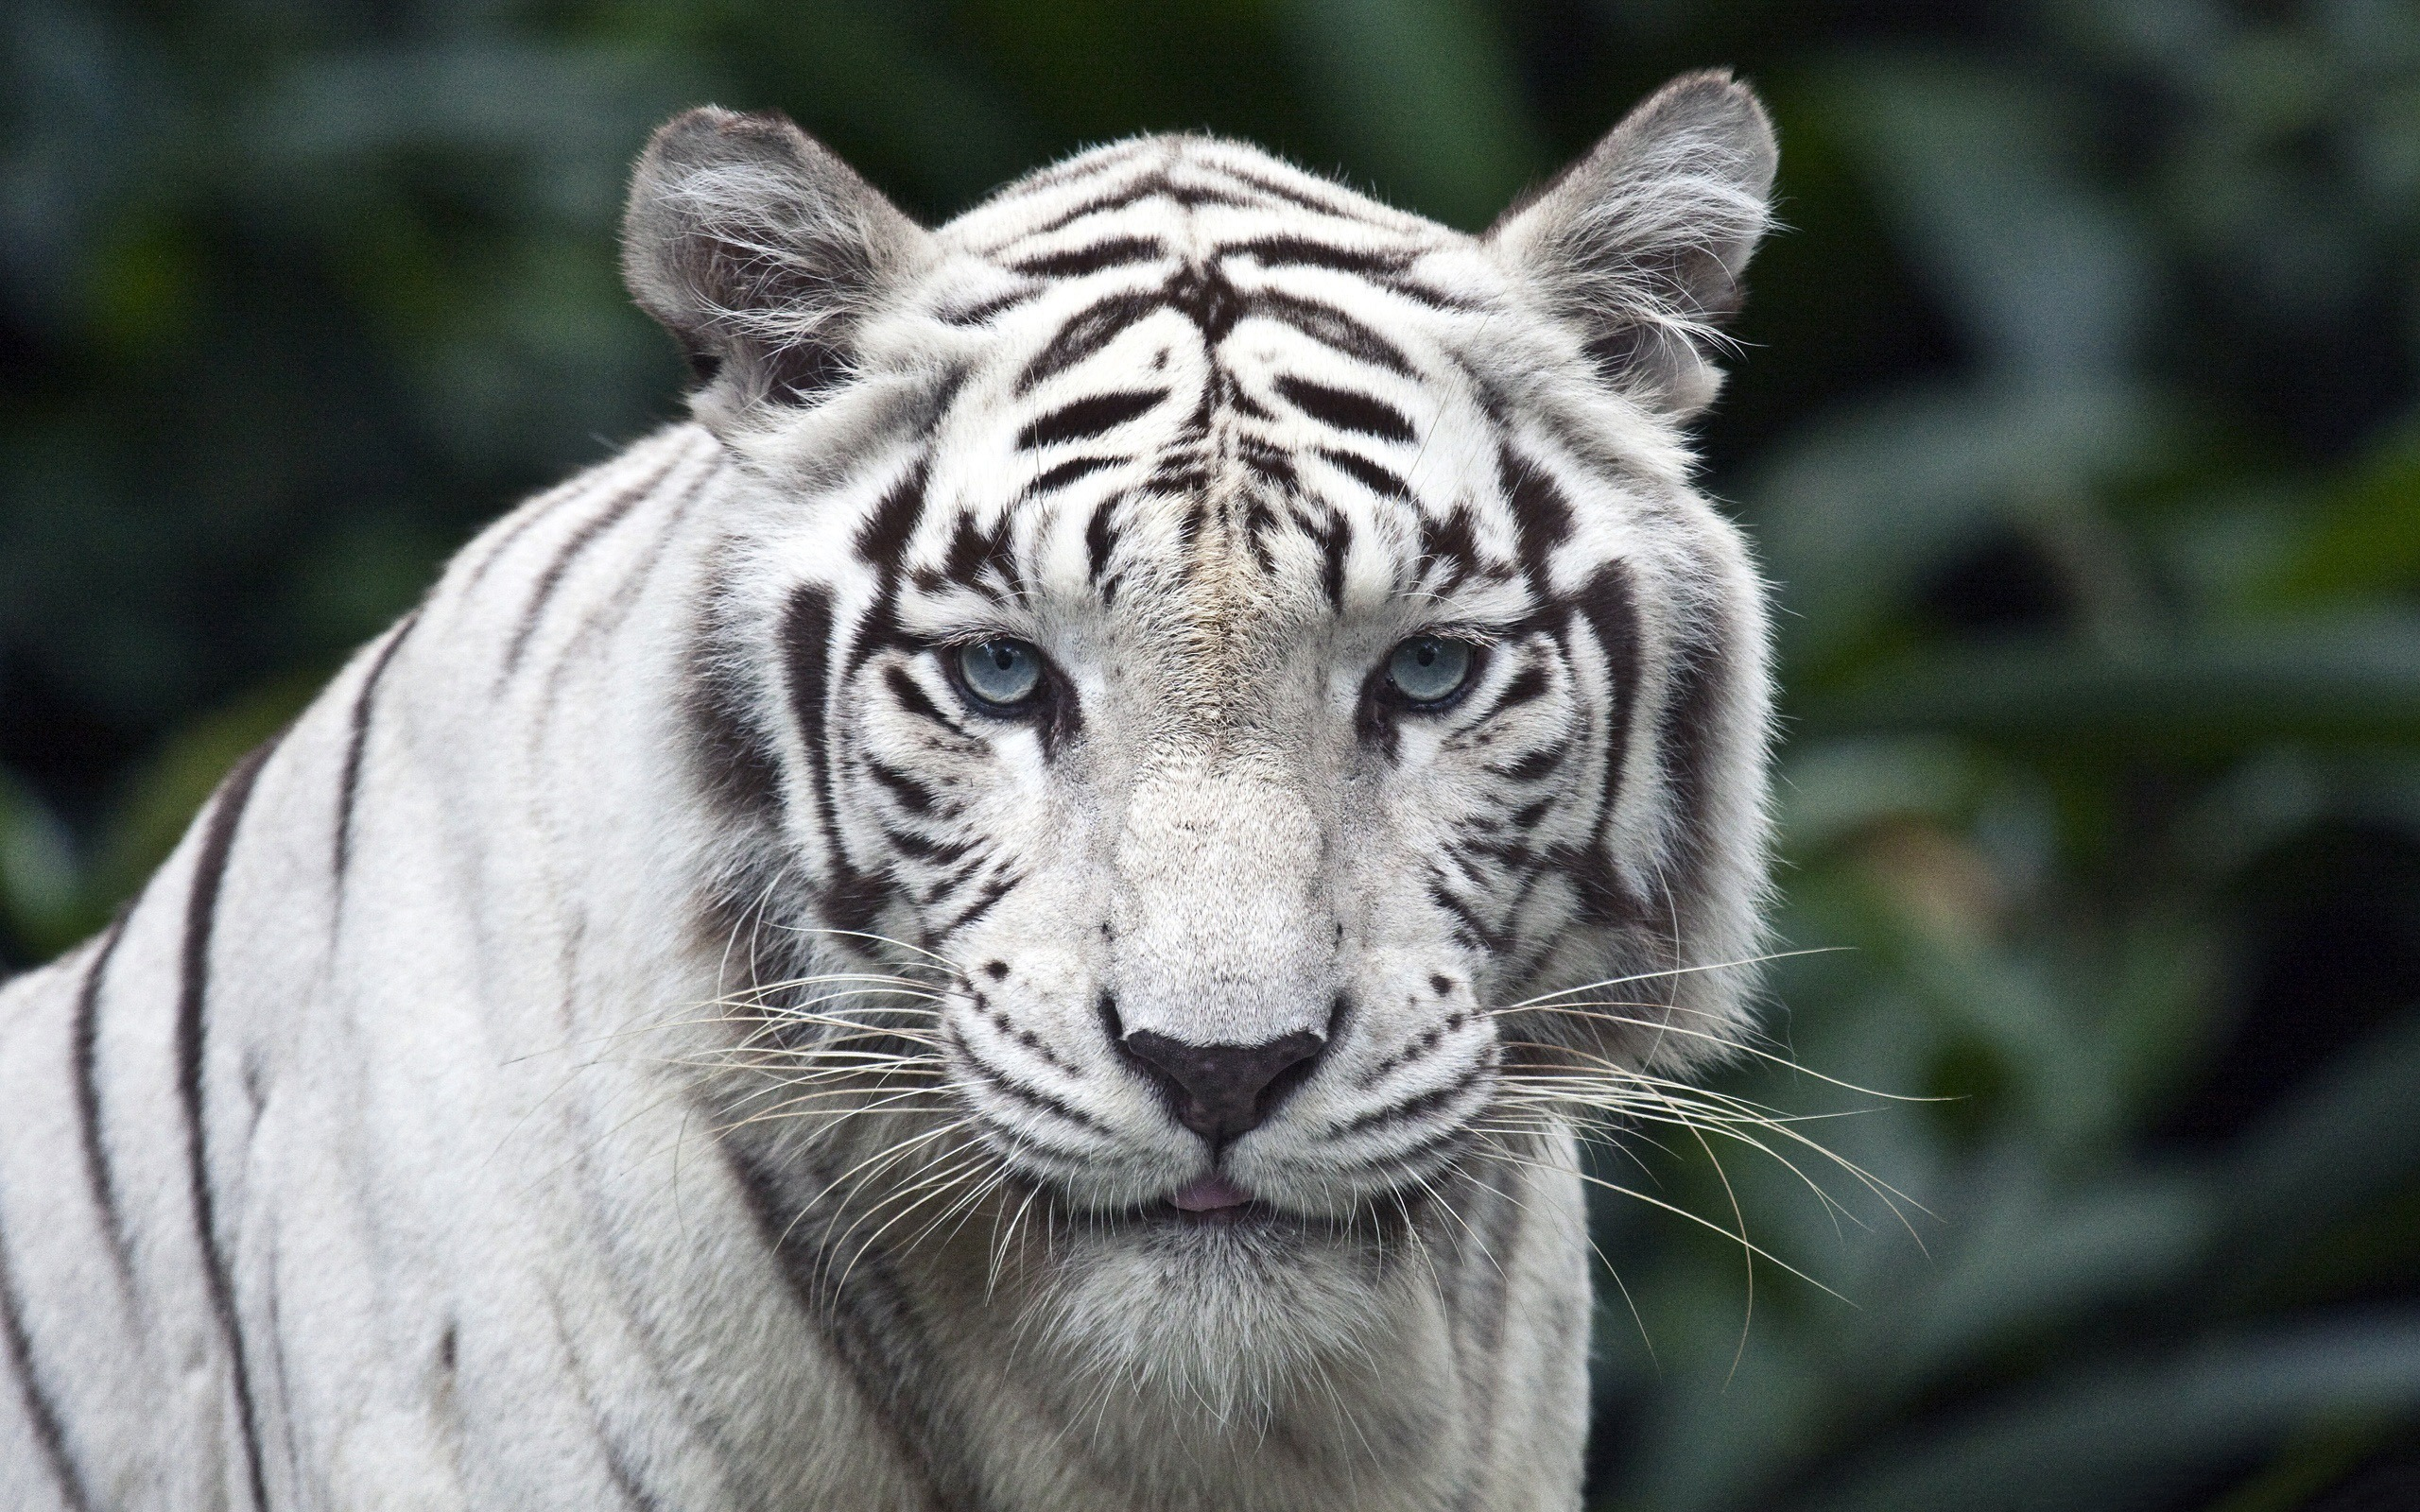 美丽的白老虎-野生动物高清壁纸 - 2560x1600 壁纸 下载